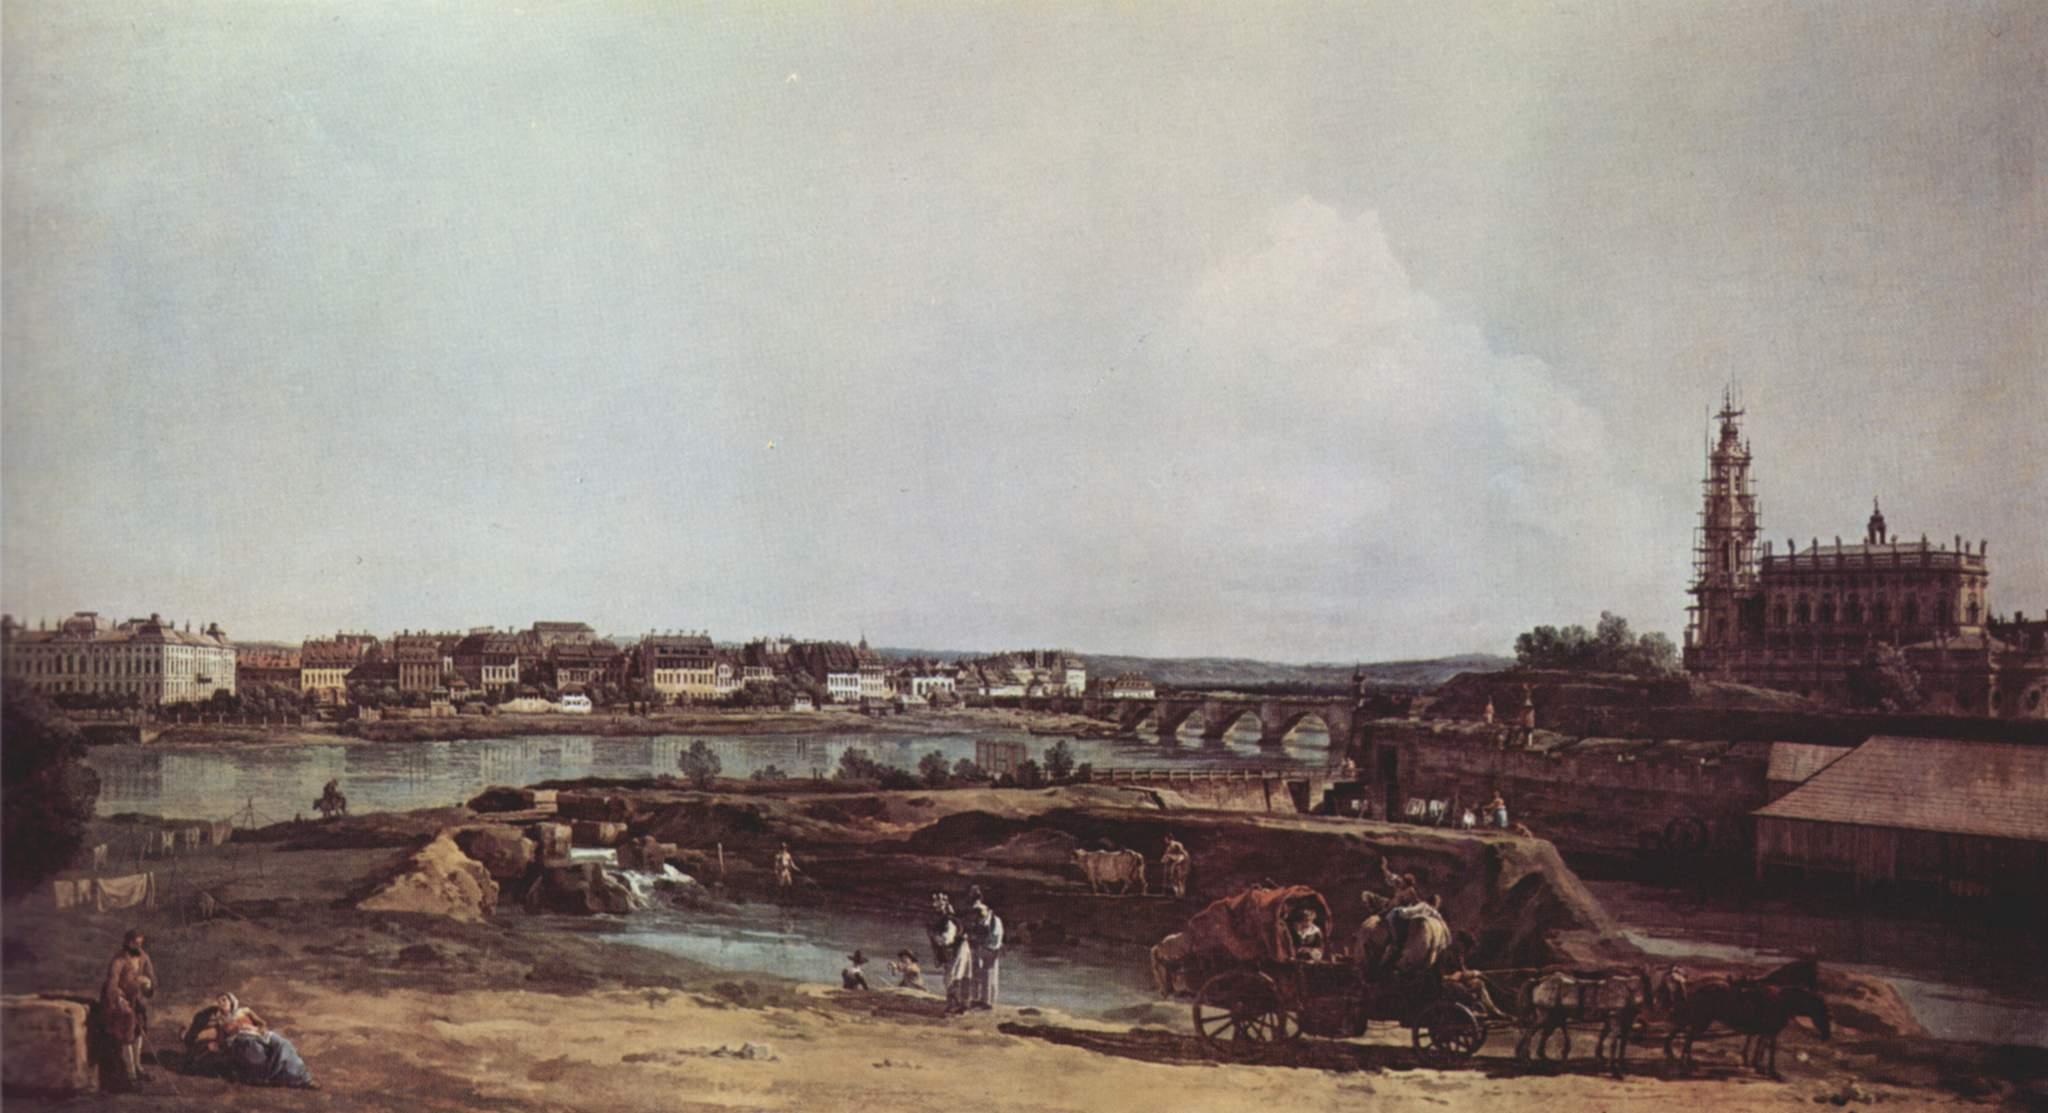 Вид Дрездена с левого берега Эльбы. Бастион Соль, мост Августа и придворная церковь, Джованни Антонио Каналетто 1